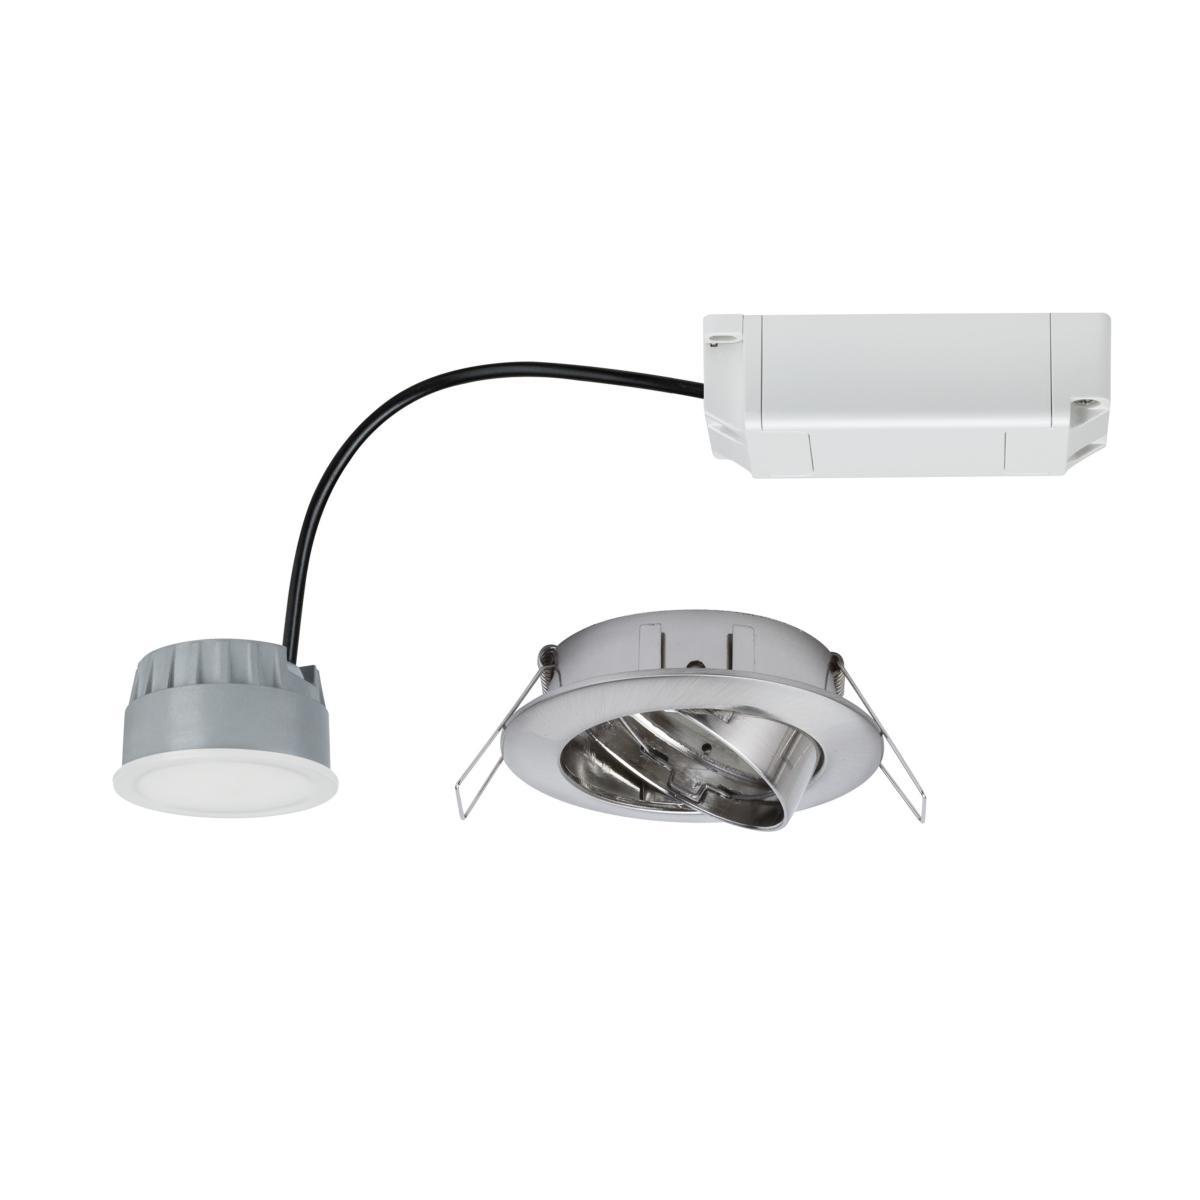 spot led connect rgb 2 4w 230v paulmann 93842. Black Bedroom Furniture Sets. Home Design Ideas